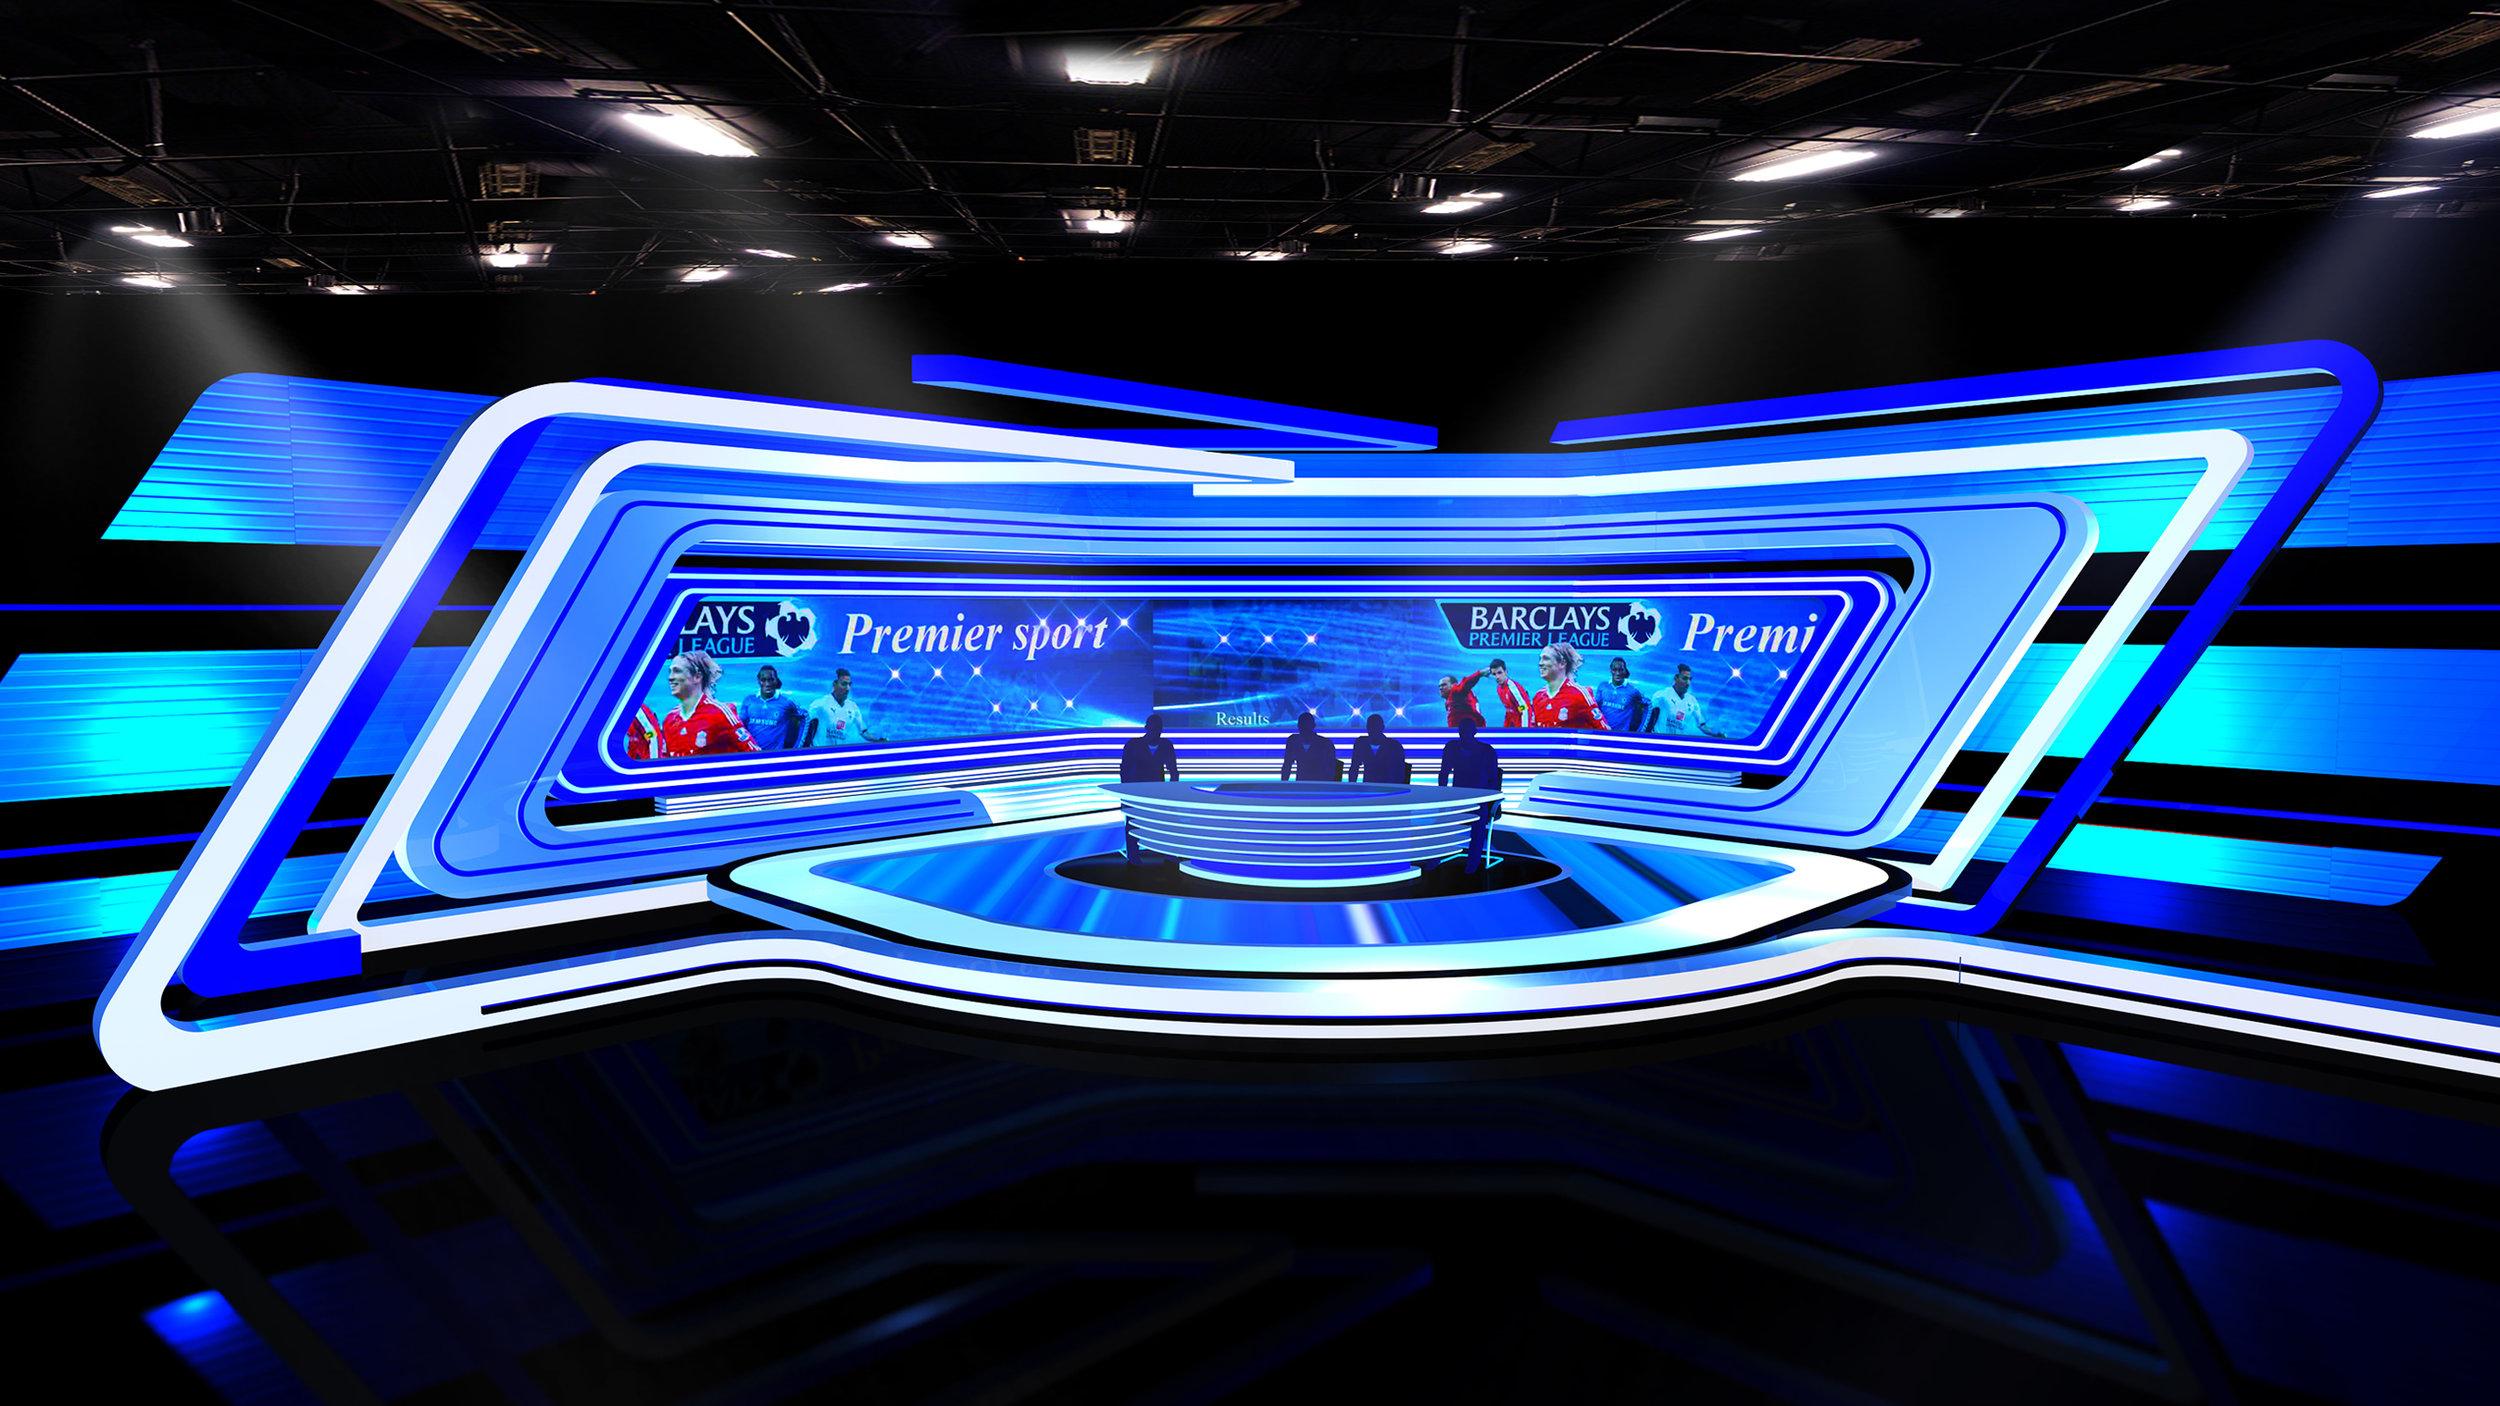 Premier League Abu Dhabi